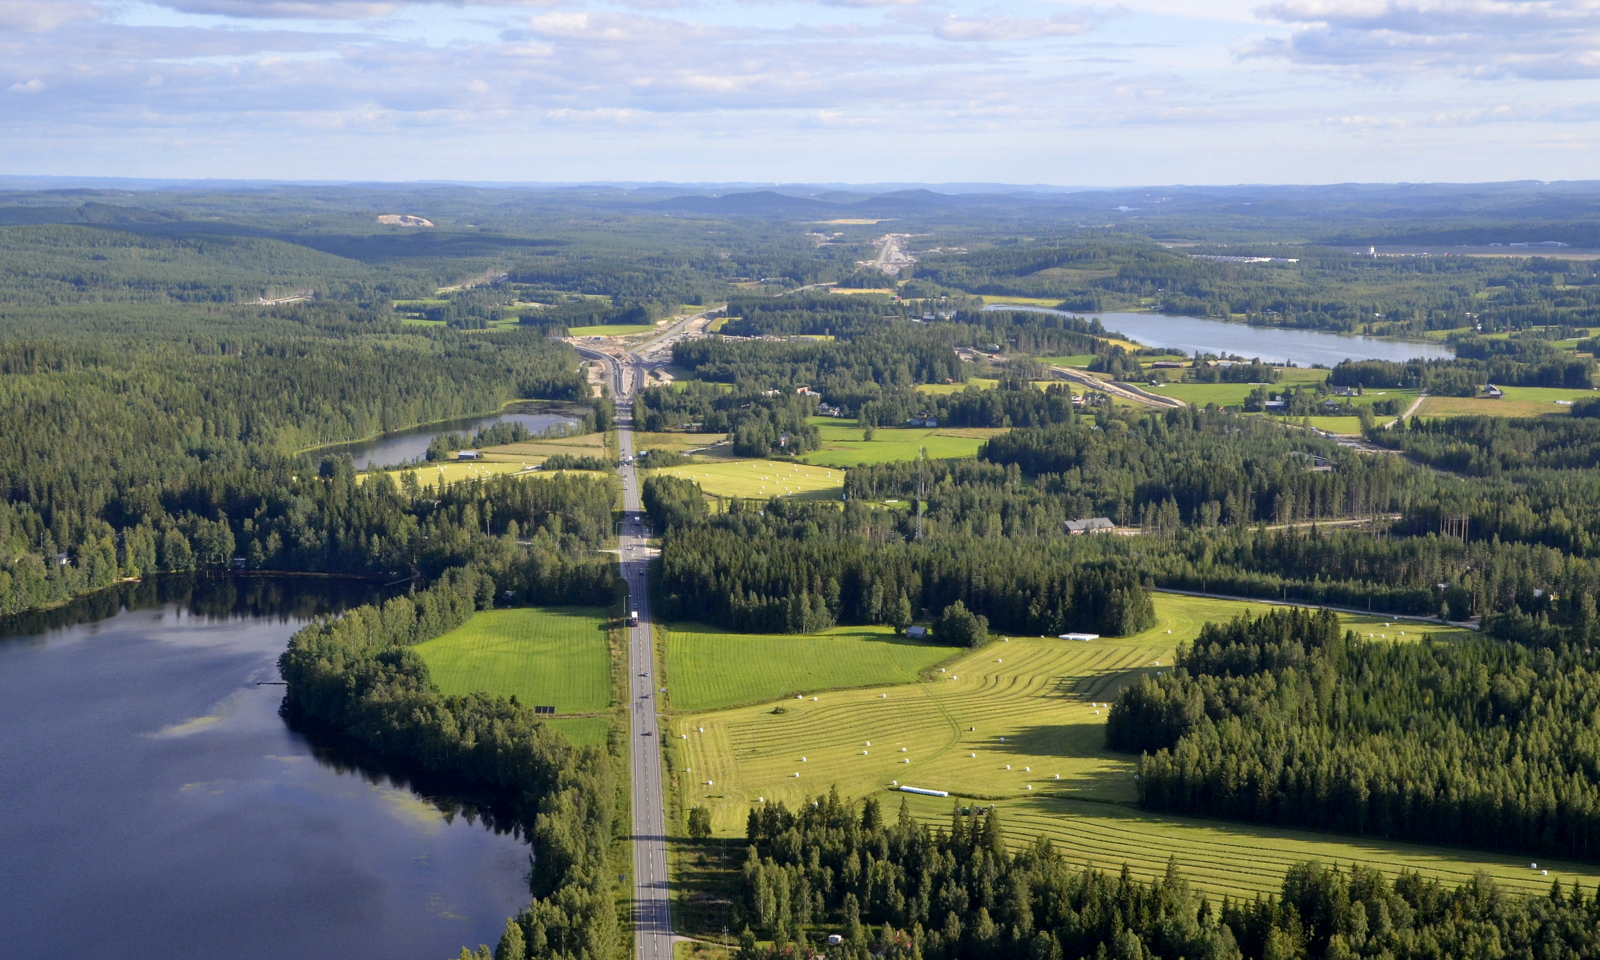 Matka jatkuu Iso-Hirvasen kupeella kohti Vehniänkylää.